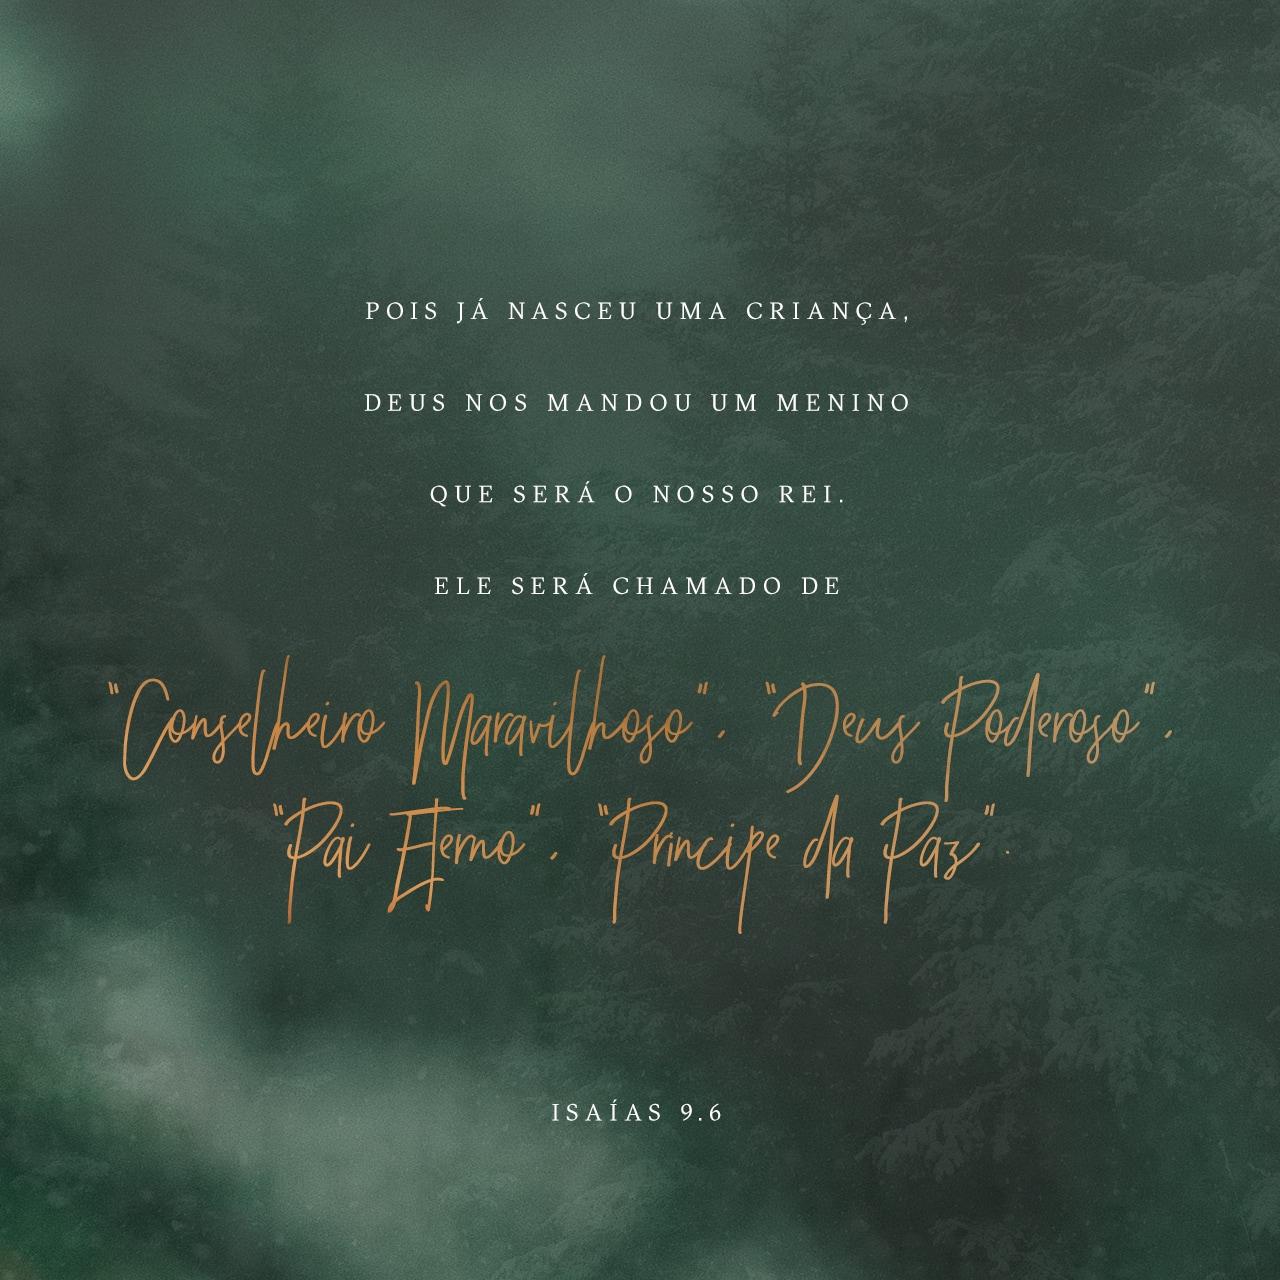 Isaías 9:6 Imagem do Versículo